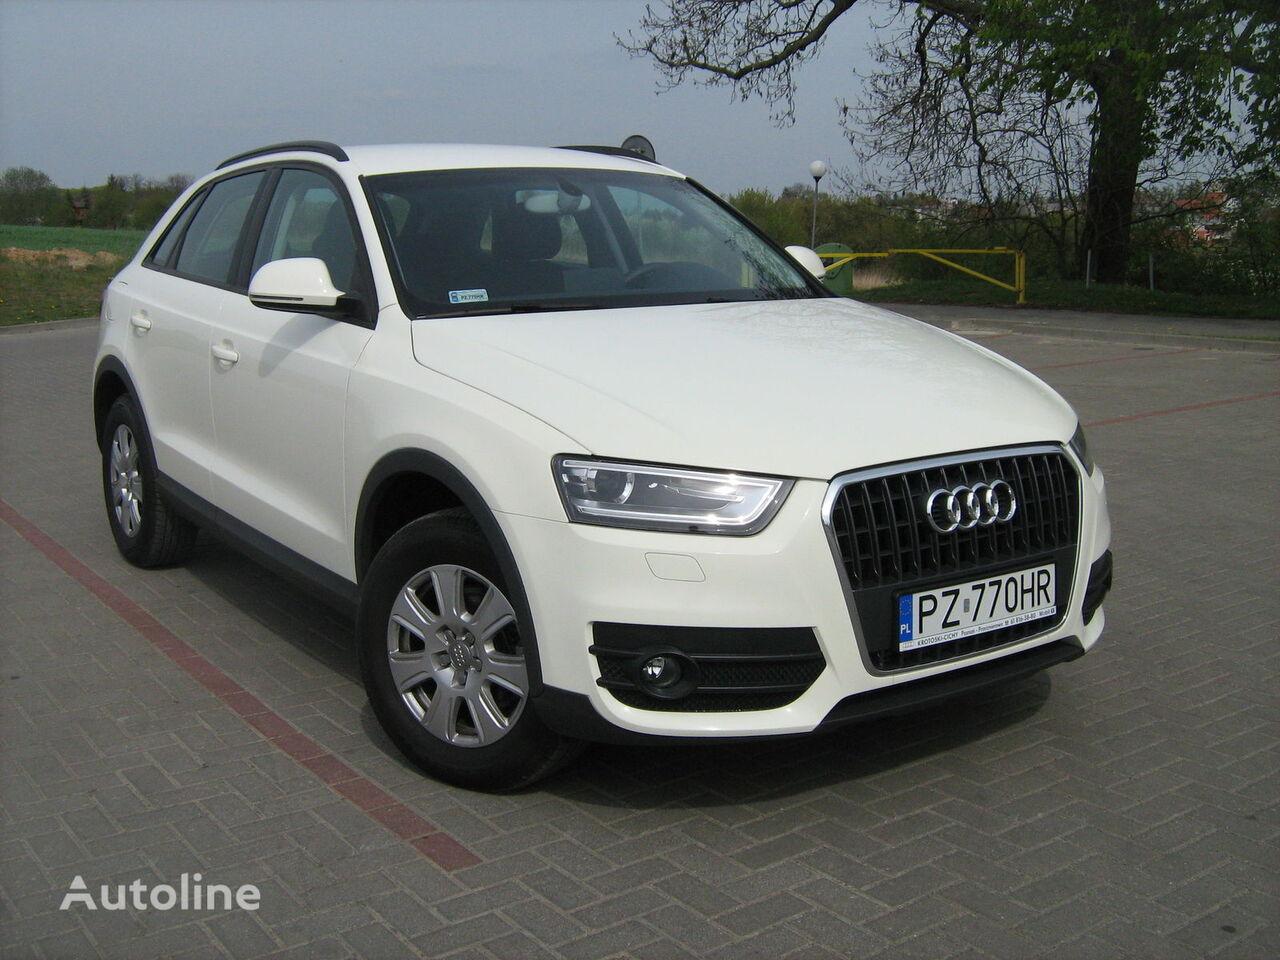 Audi Q3 terenac